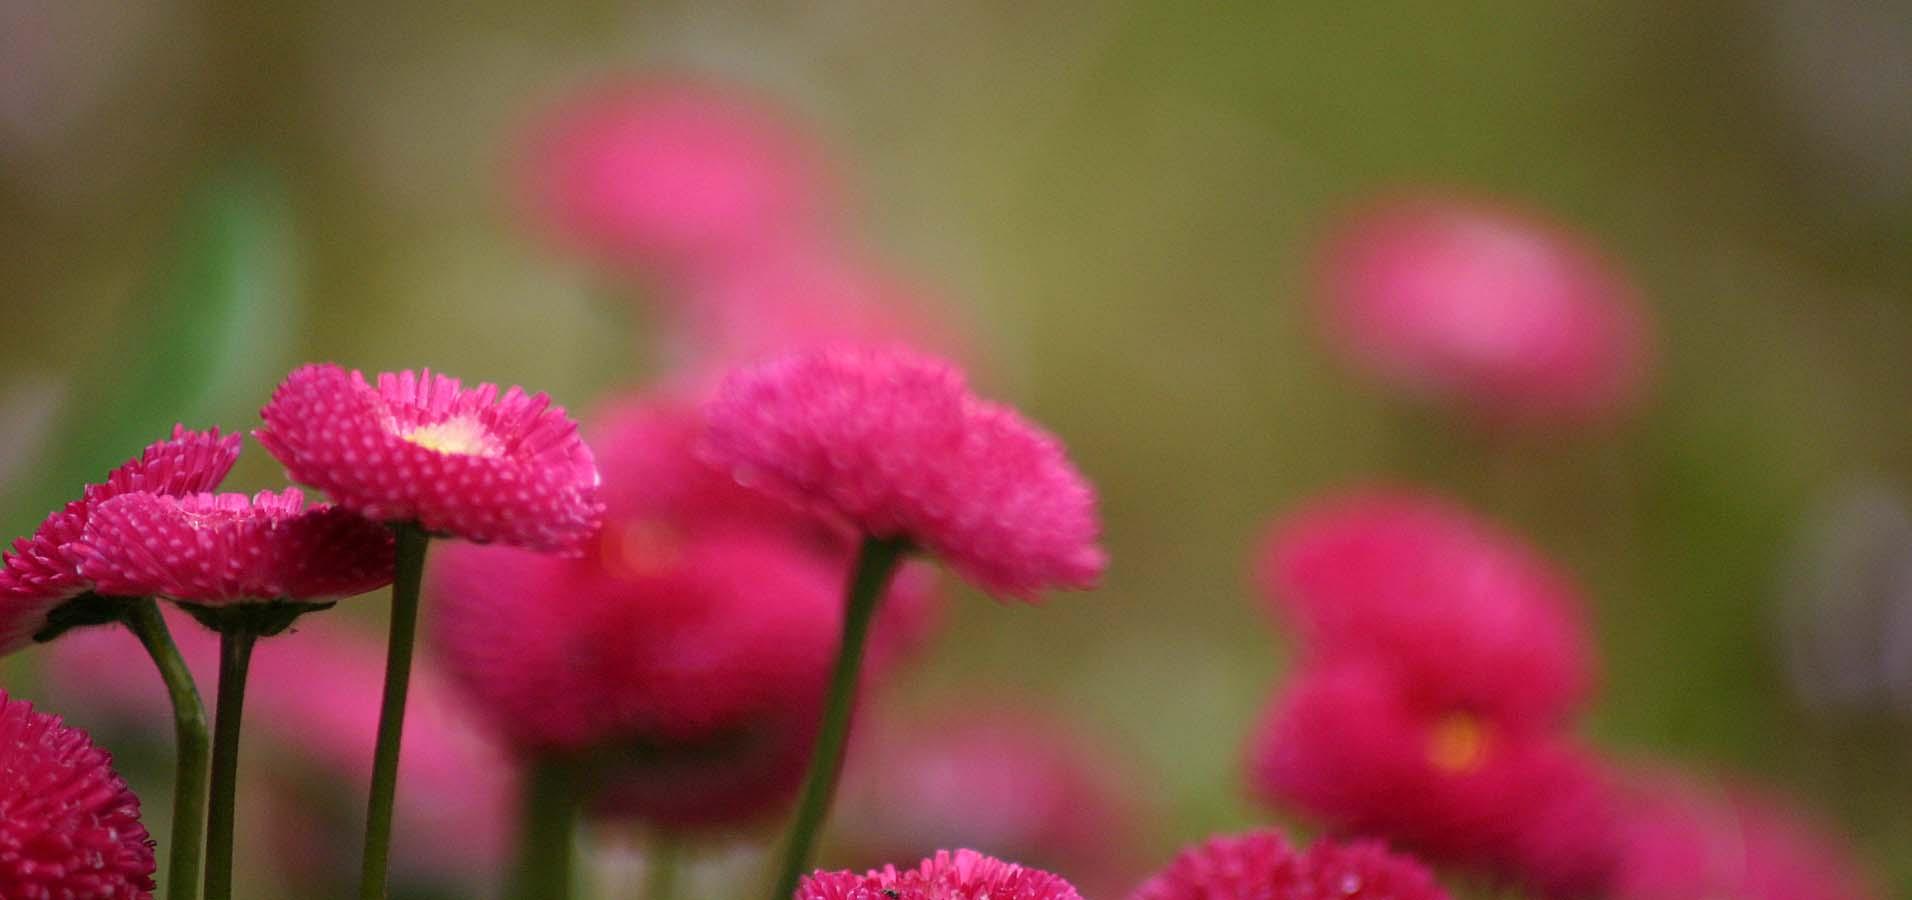 Merle Neumann fotografiert – Gänseblümchen